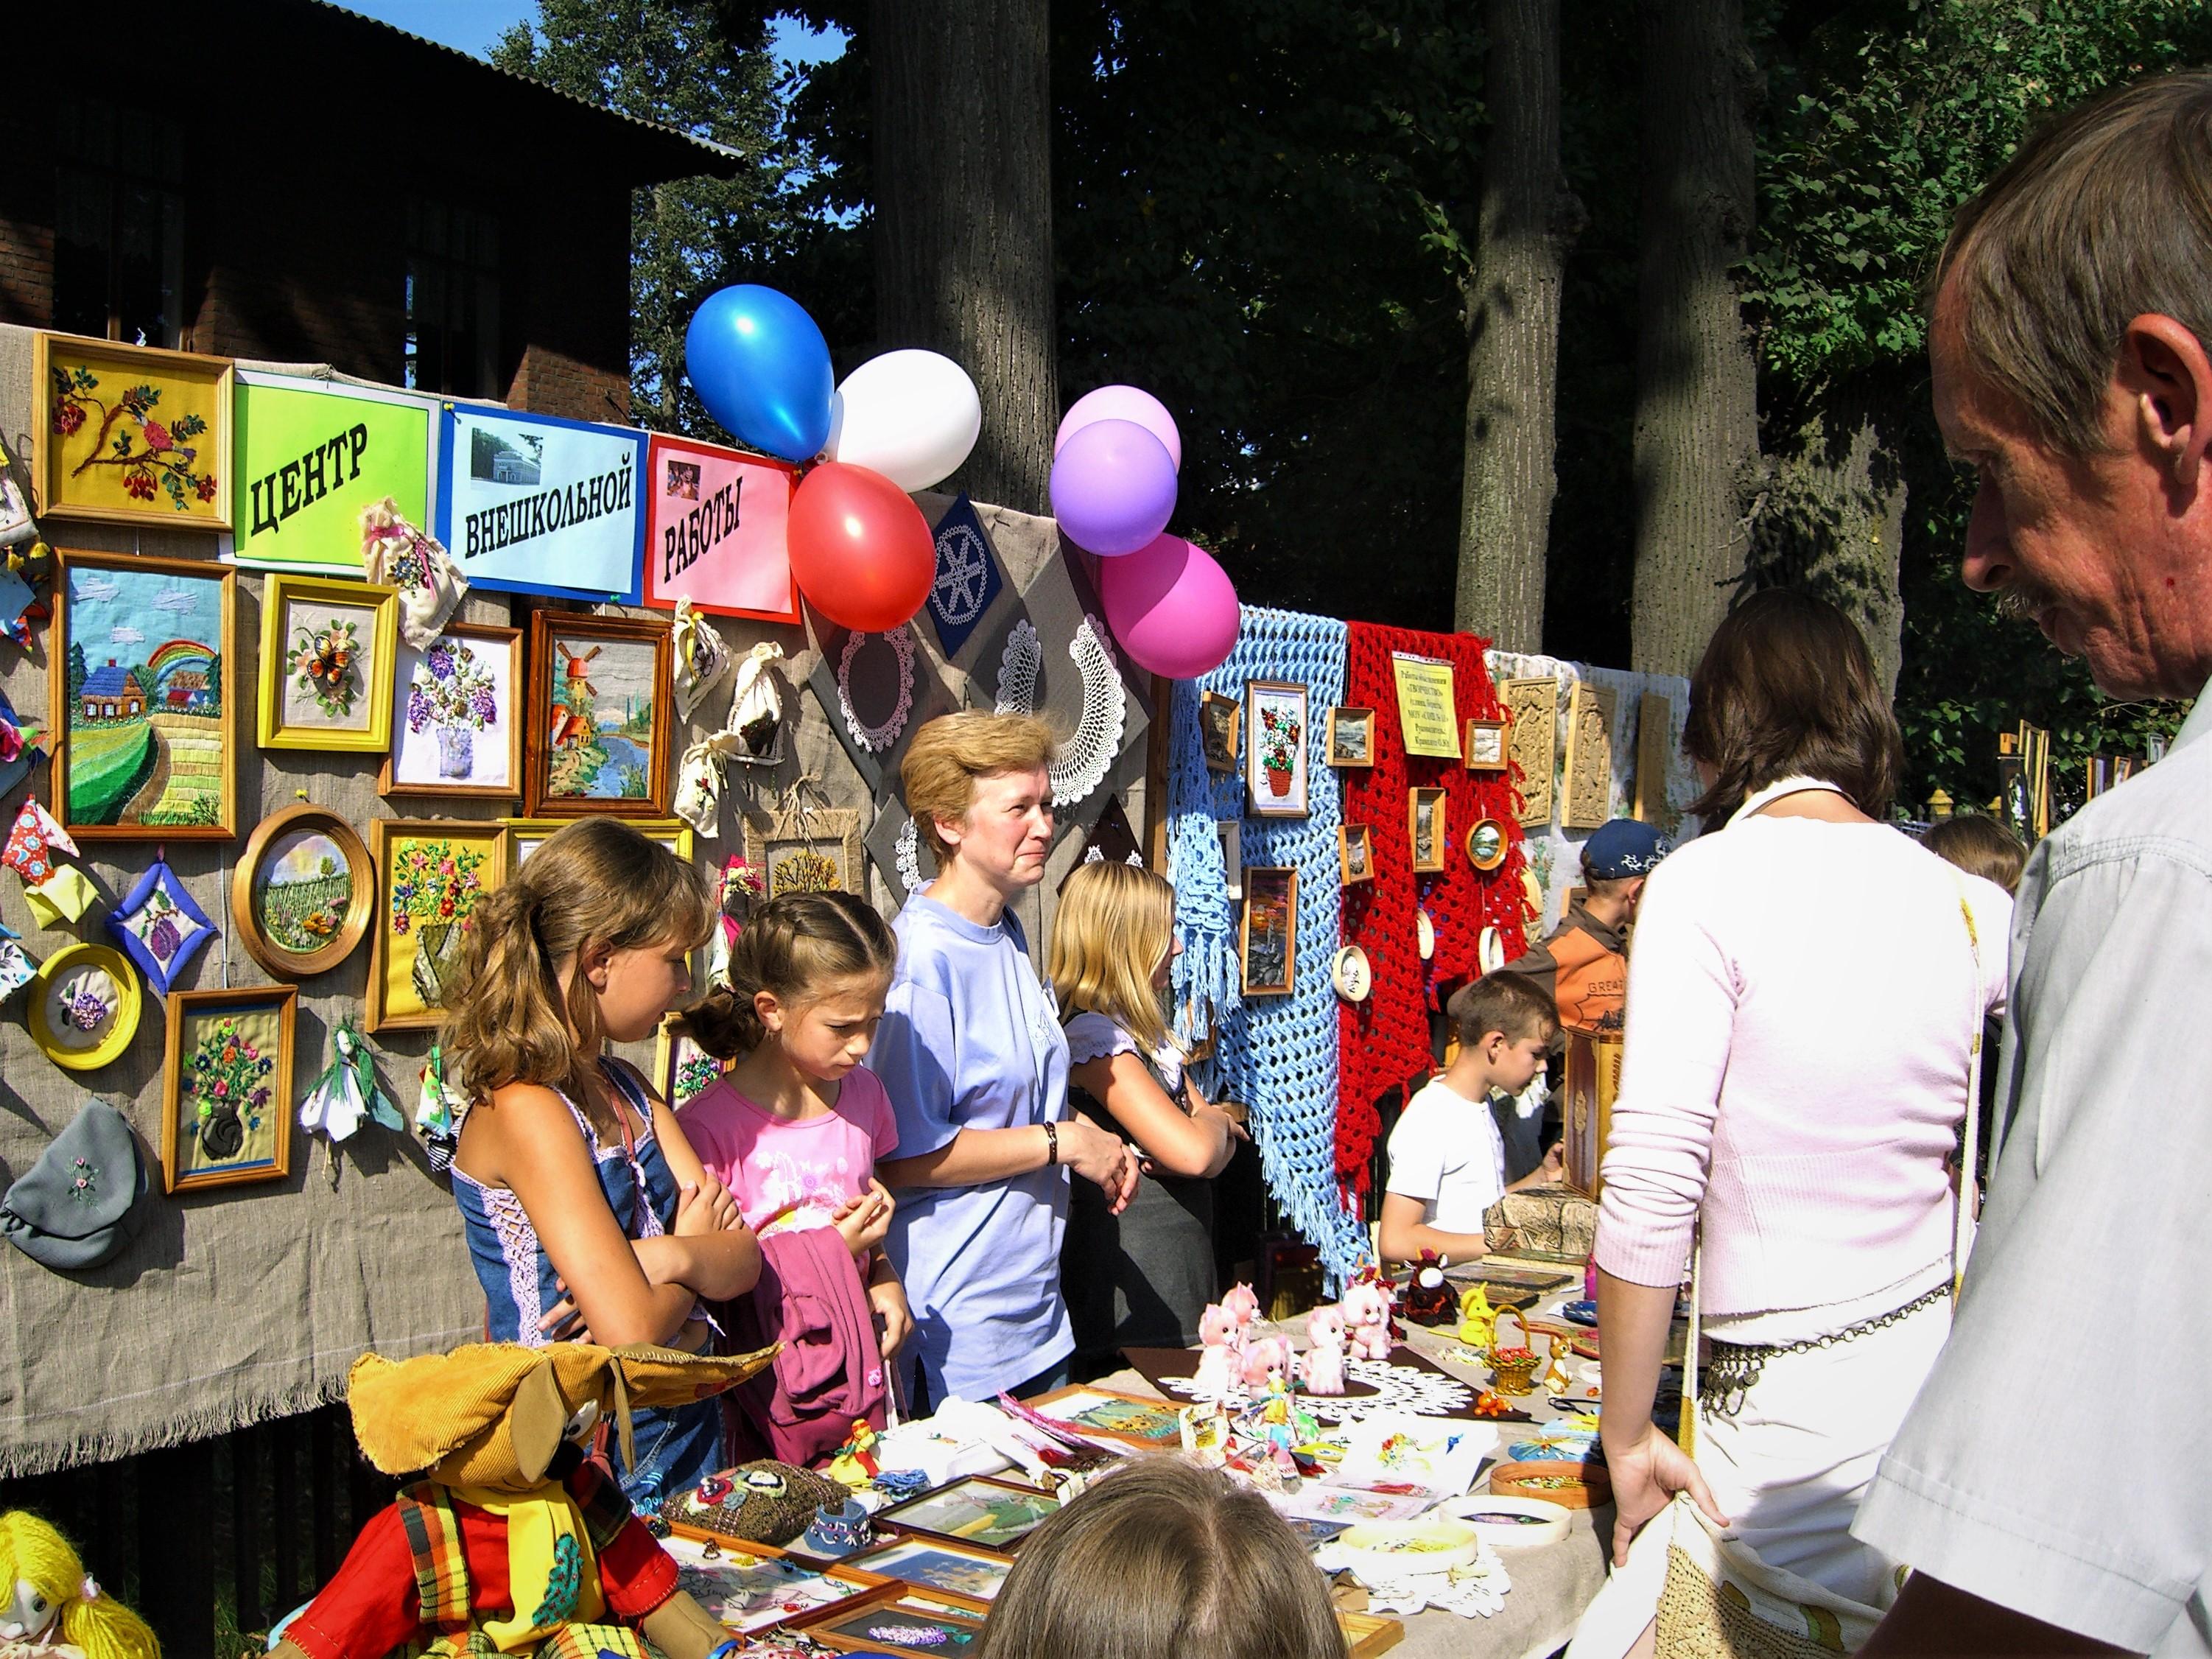 11. Есть чем заняться девчонкам в Центре детского творчества.